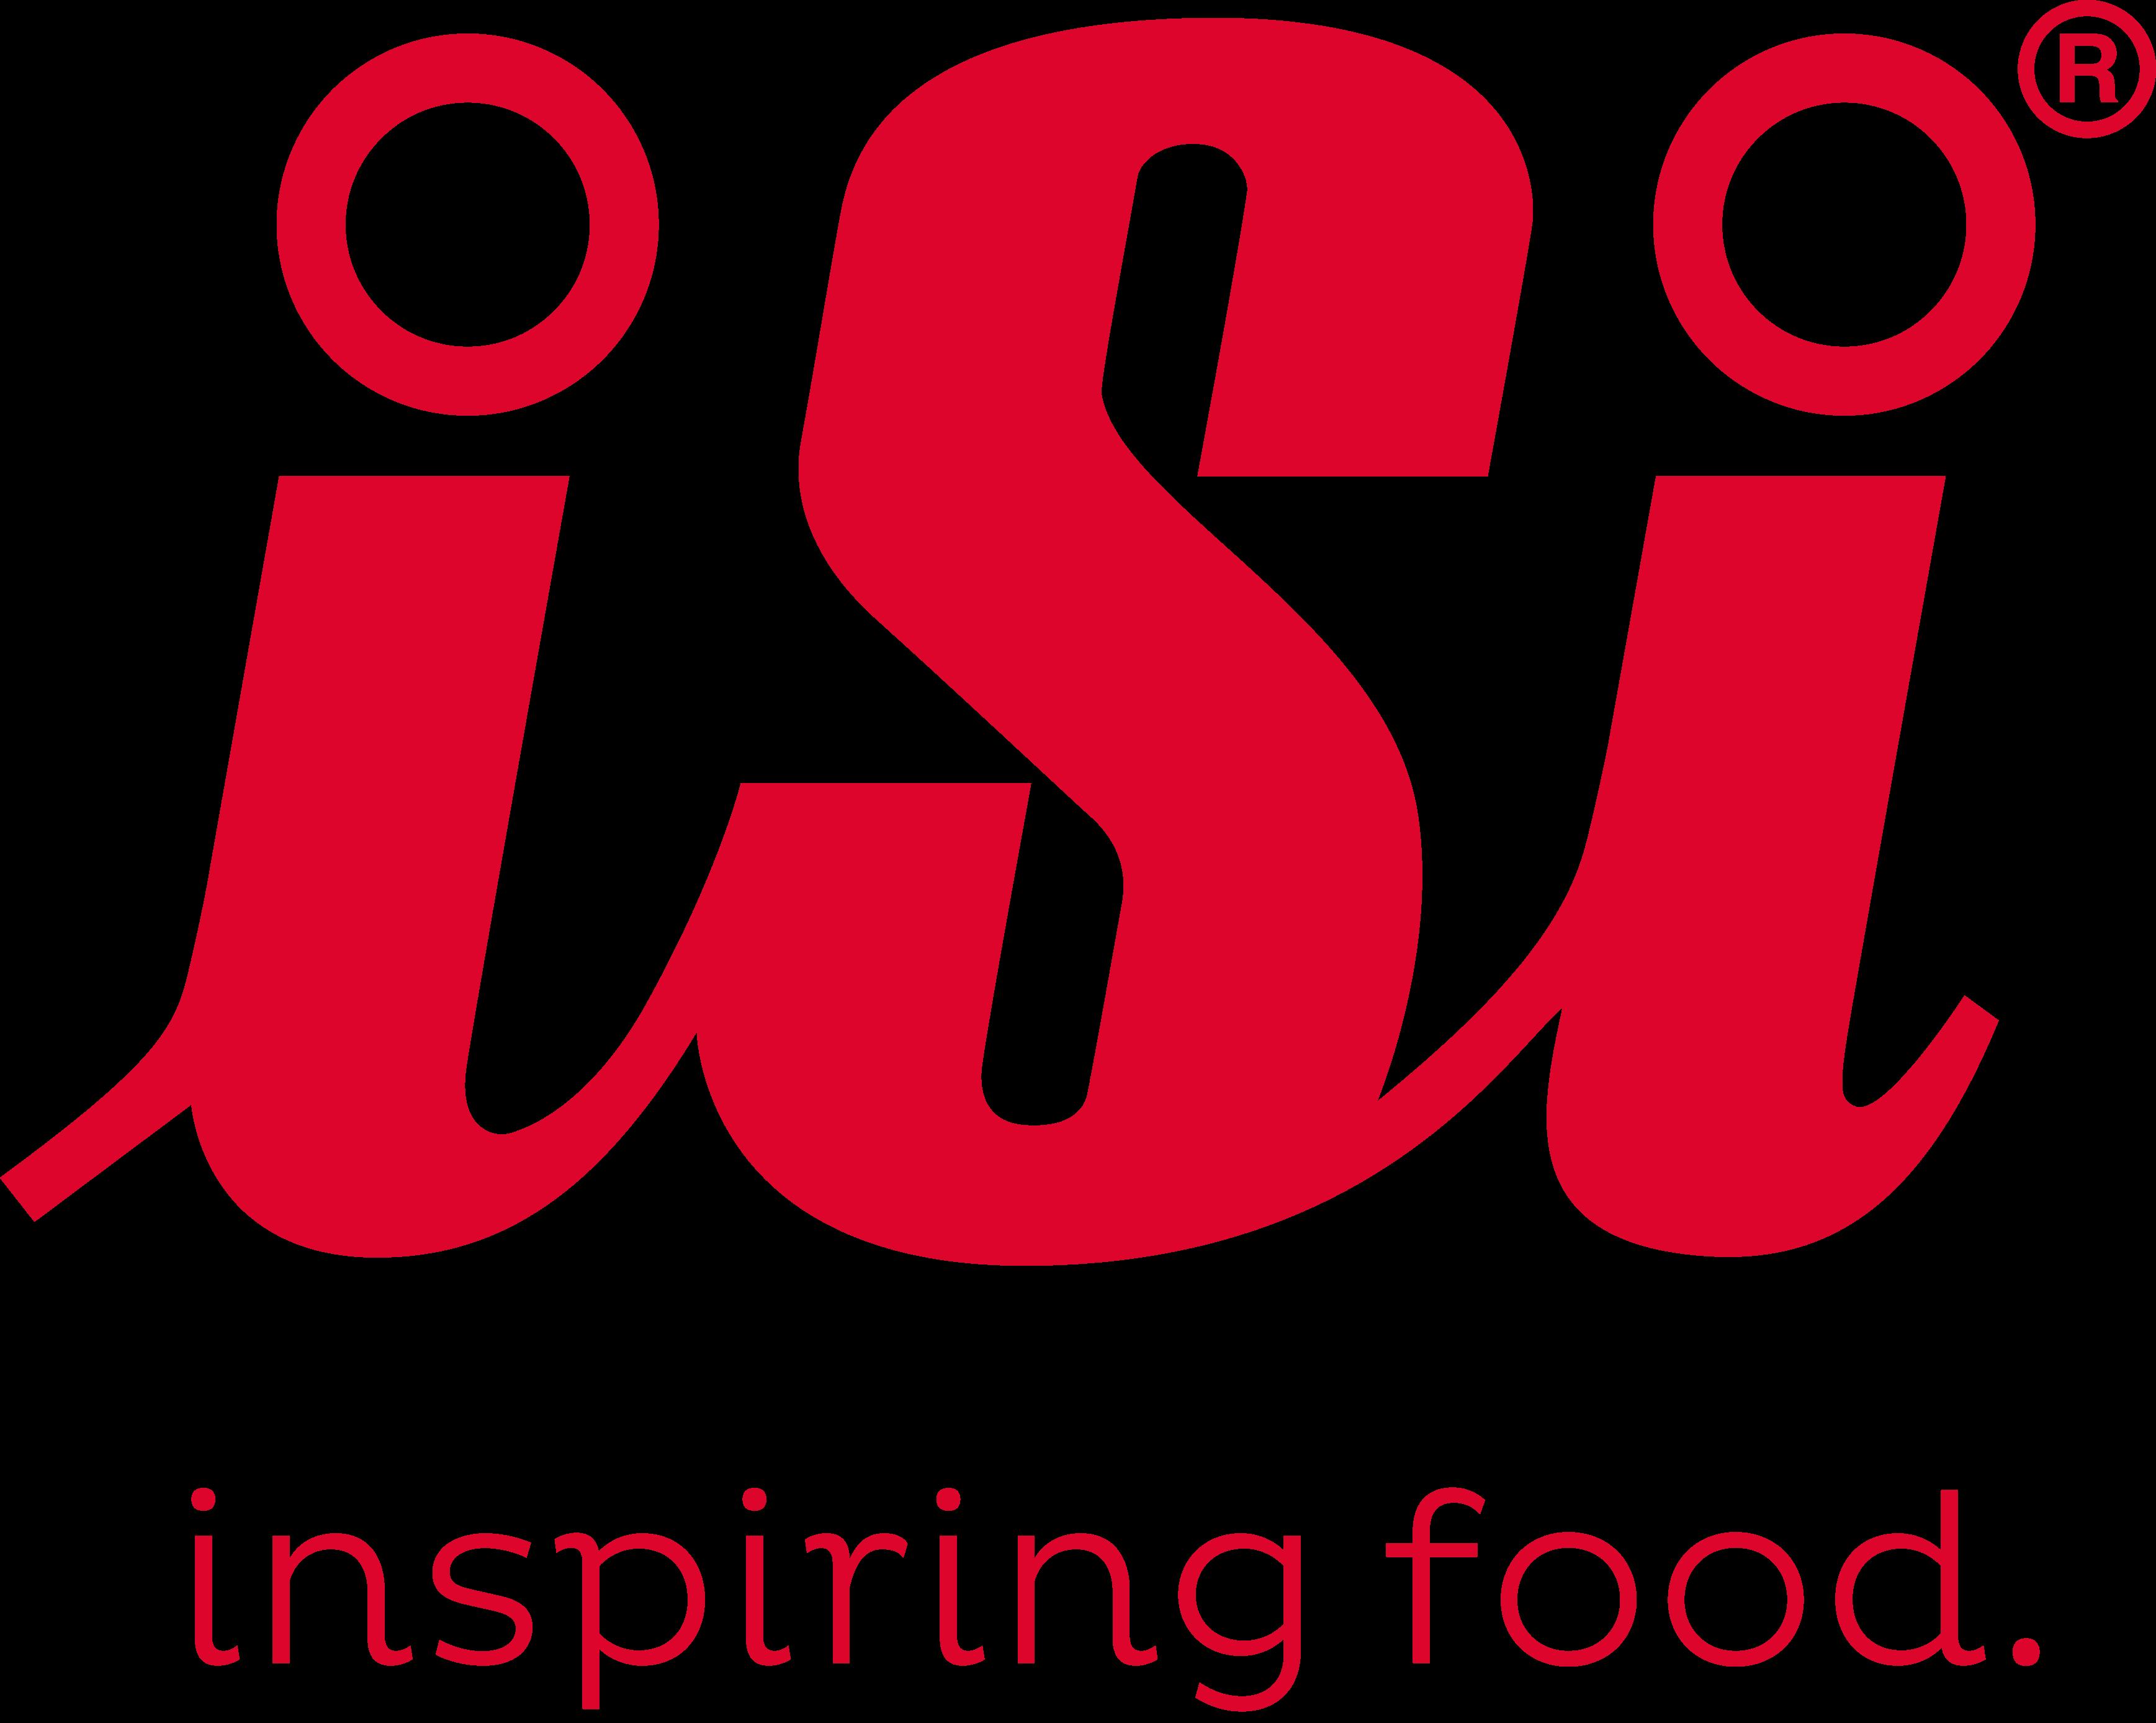 ISI_Culinary-Slogan_RGB